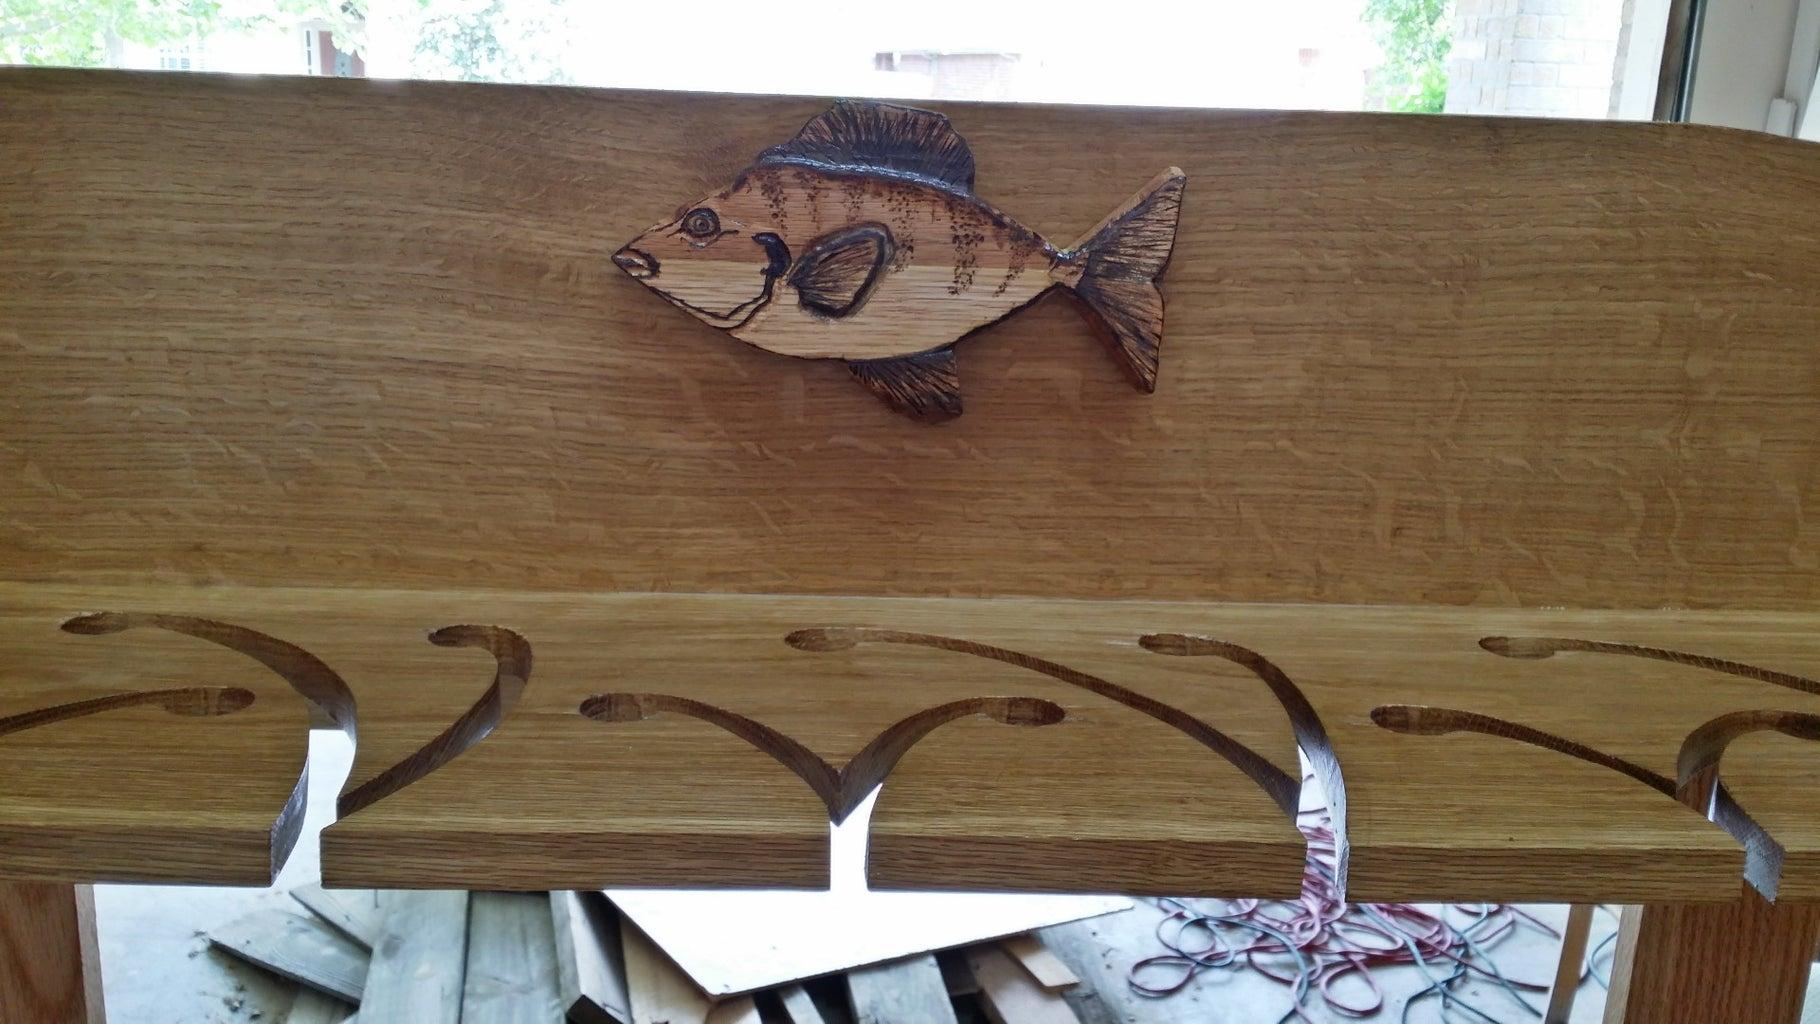 Mighty Oak Fishing Pole Rack